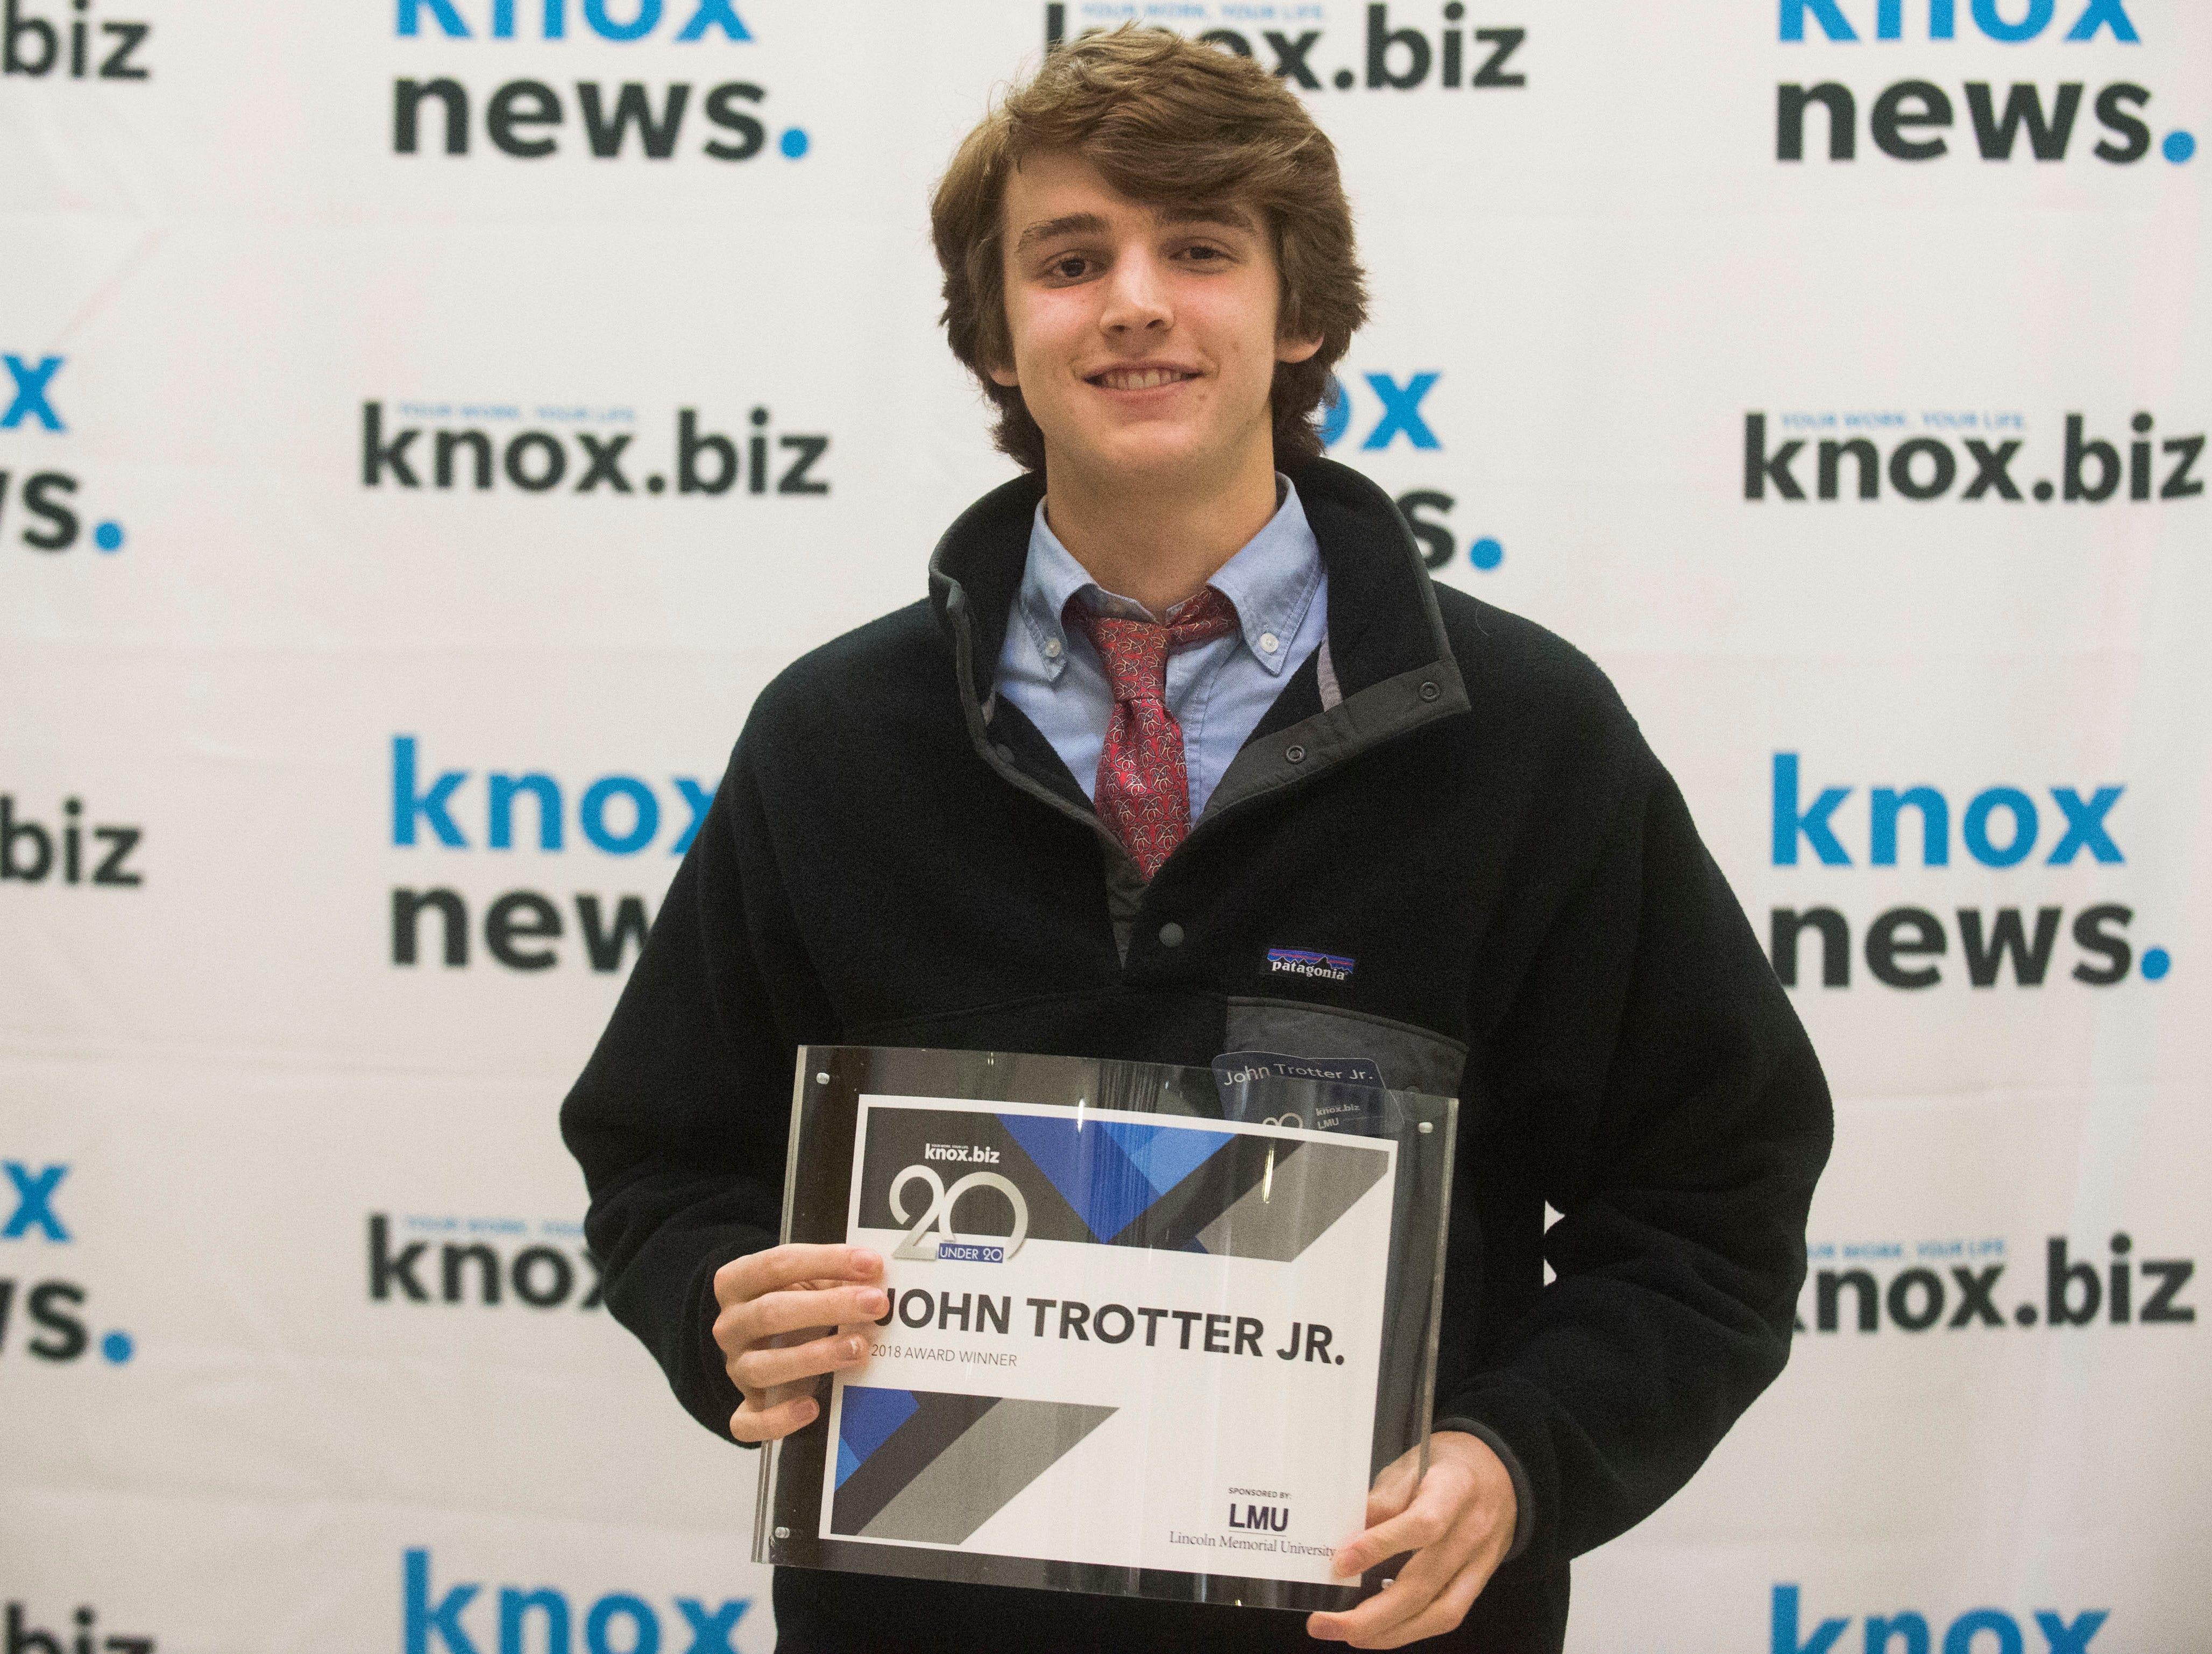 John Trotter Jr., 20 under 20 award recipient.